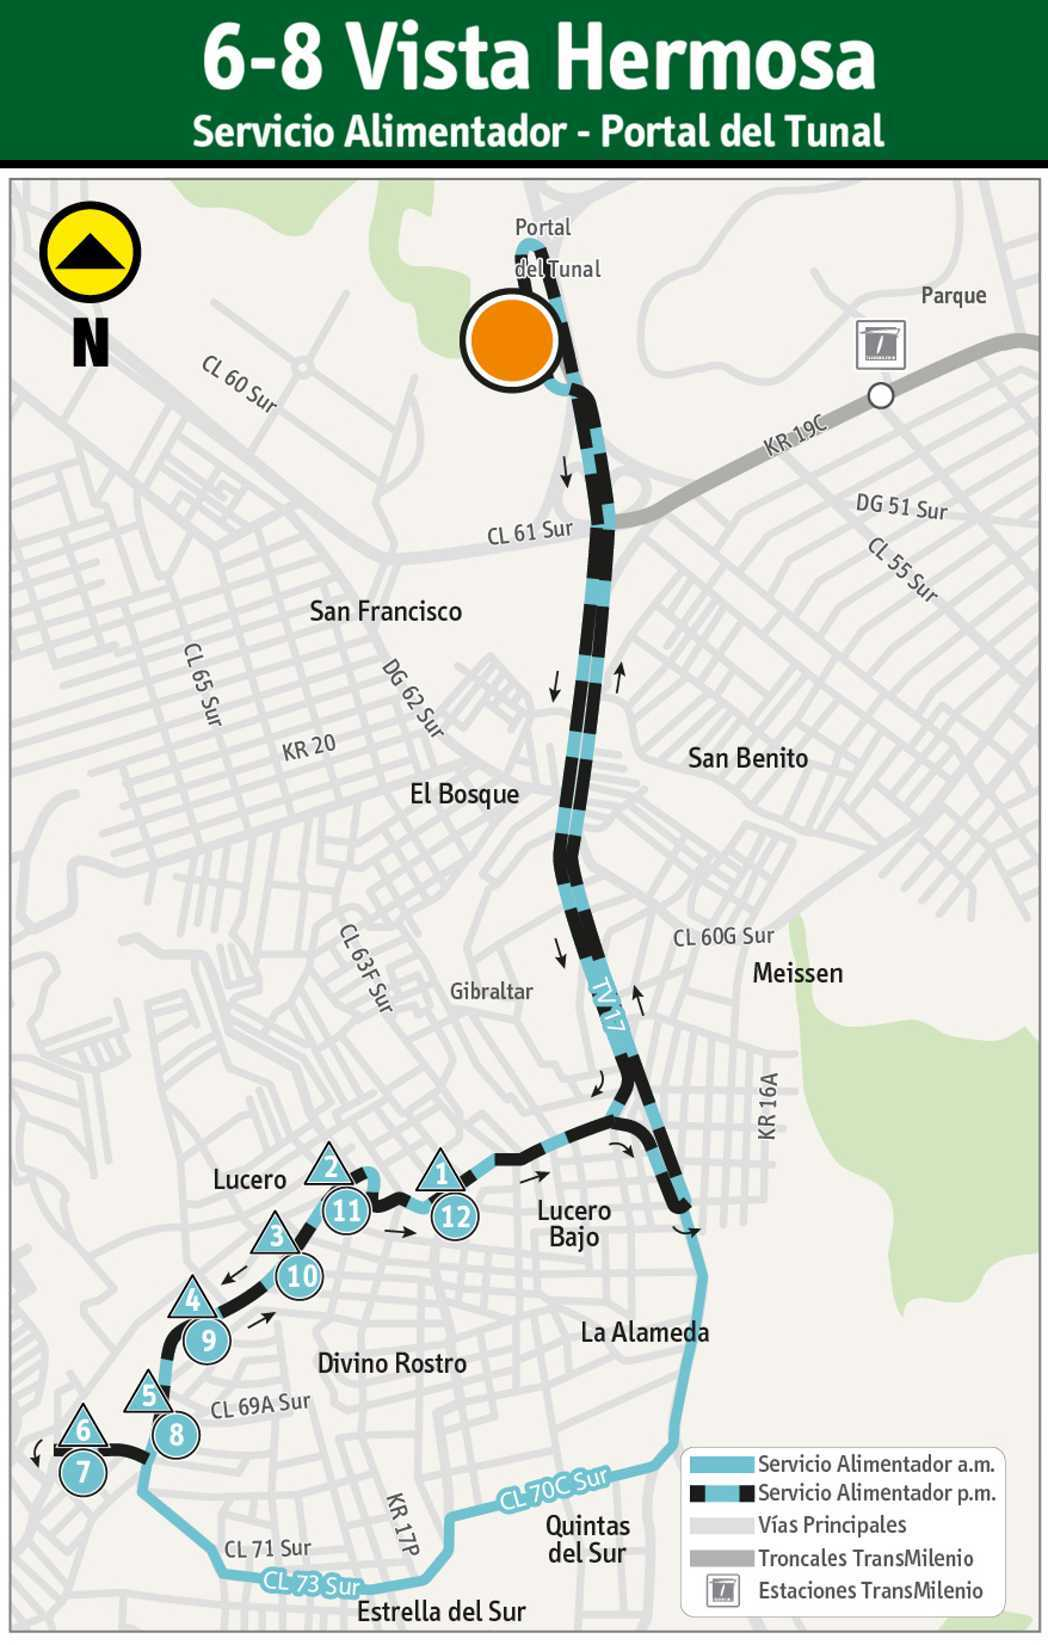 Mapa de la ruta alimentadora 6-8 Vista Hermosa